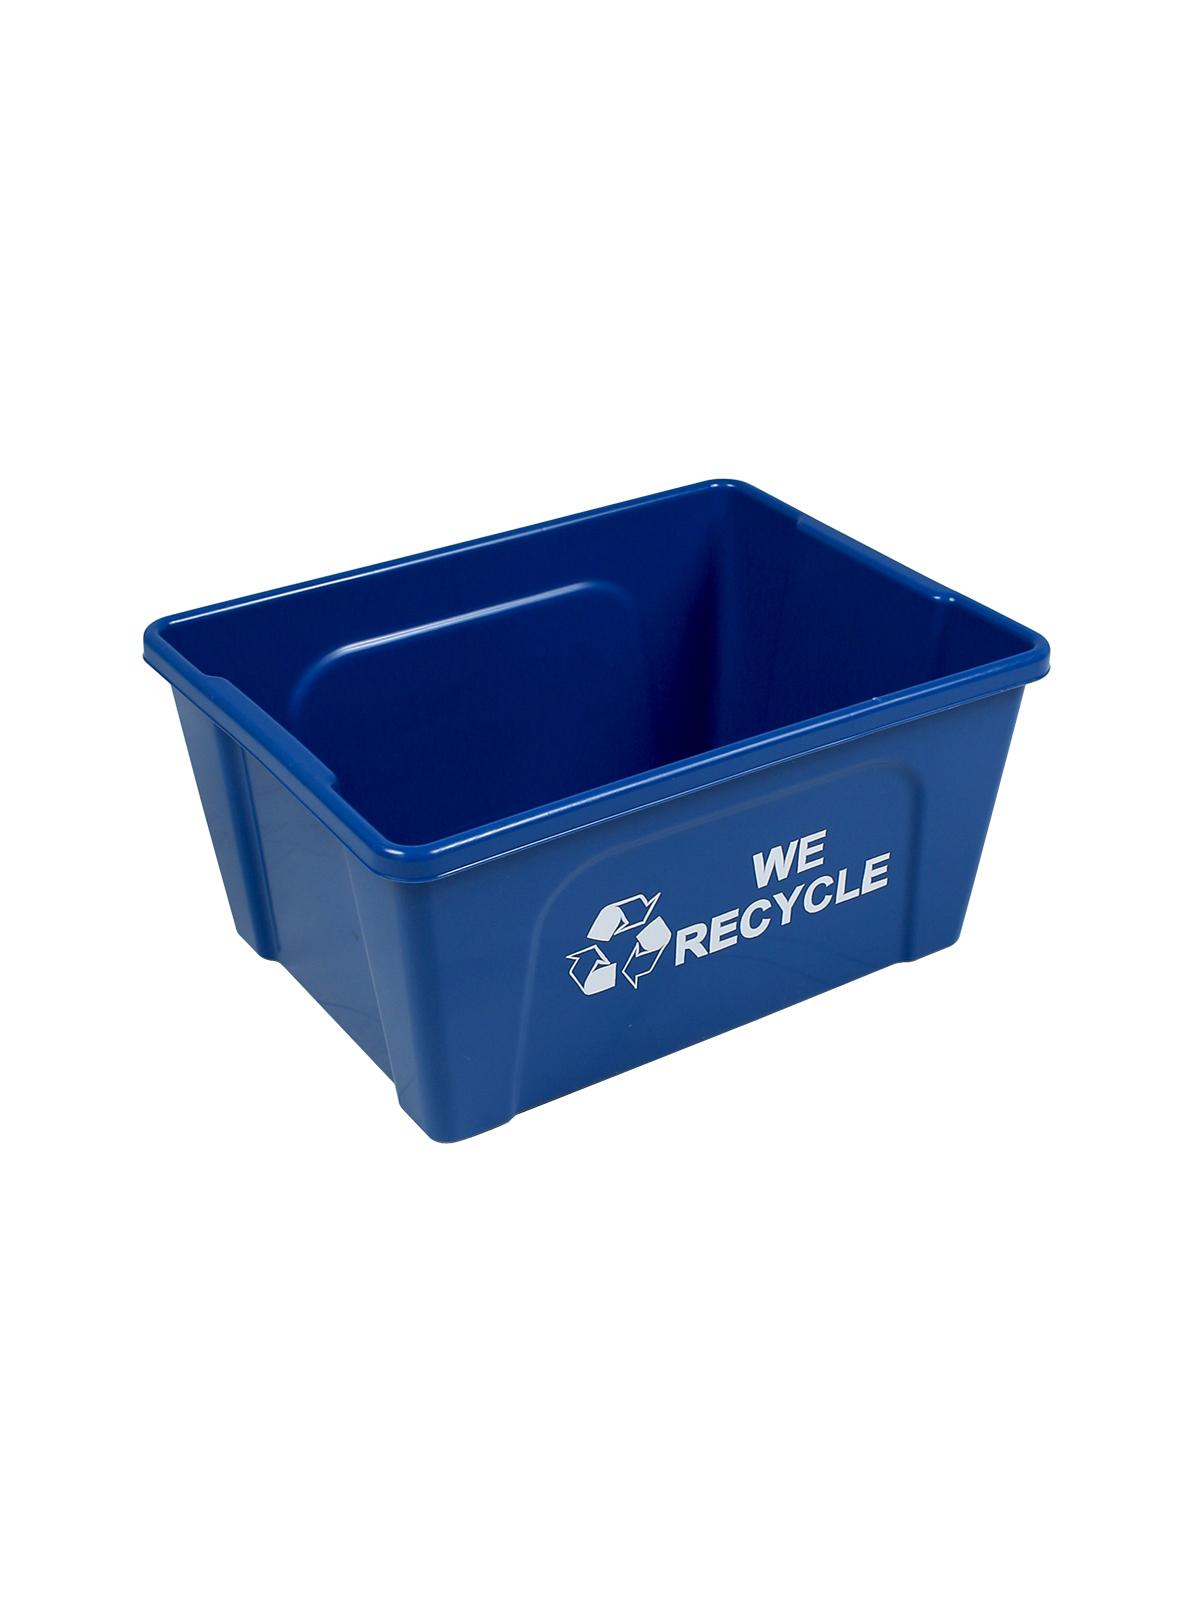 DESKSIDE RECYCLER (12 Pack) - Single - Mobius Loop-We Recycle - Blue